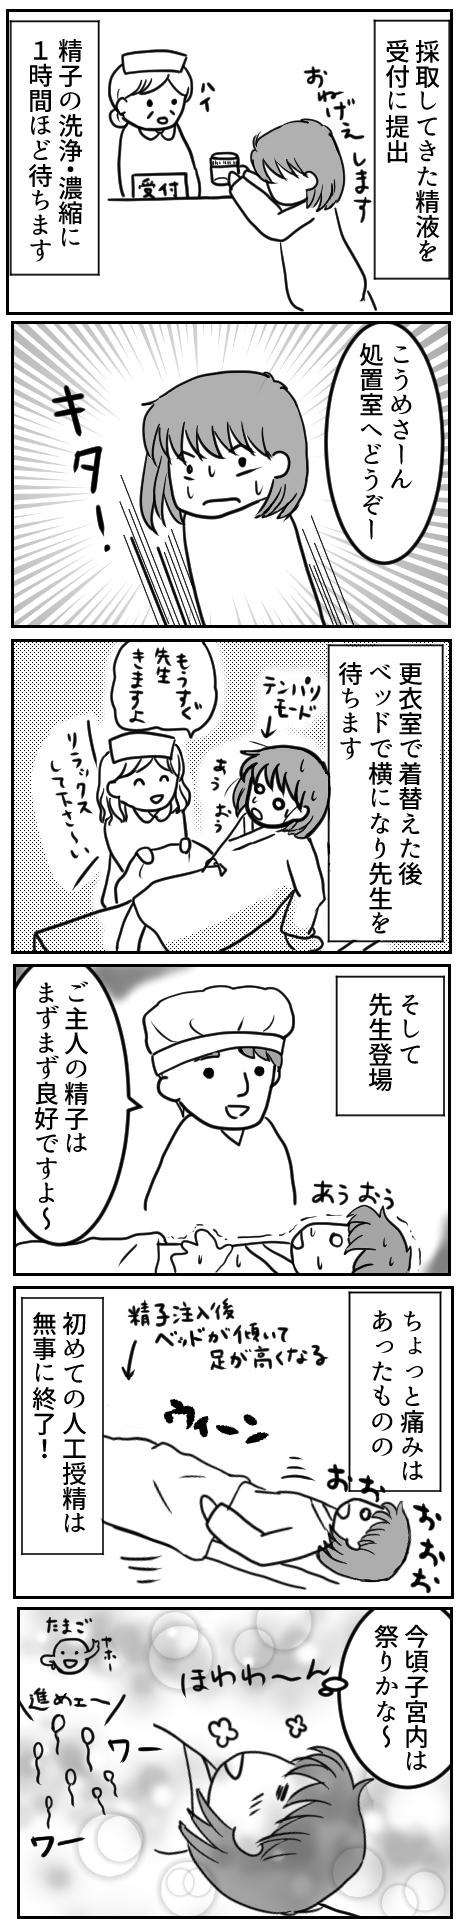 36話初人工授精へ!-3-